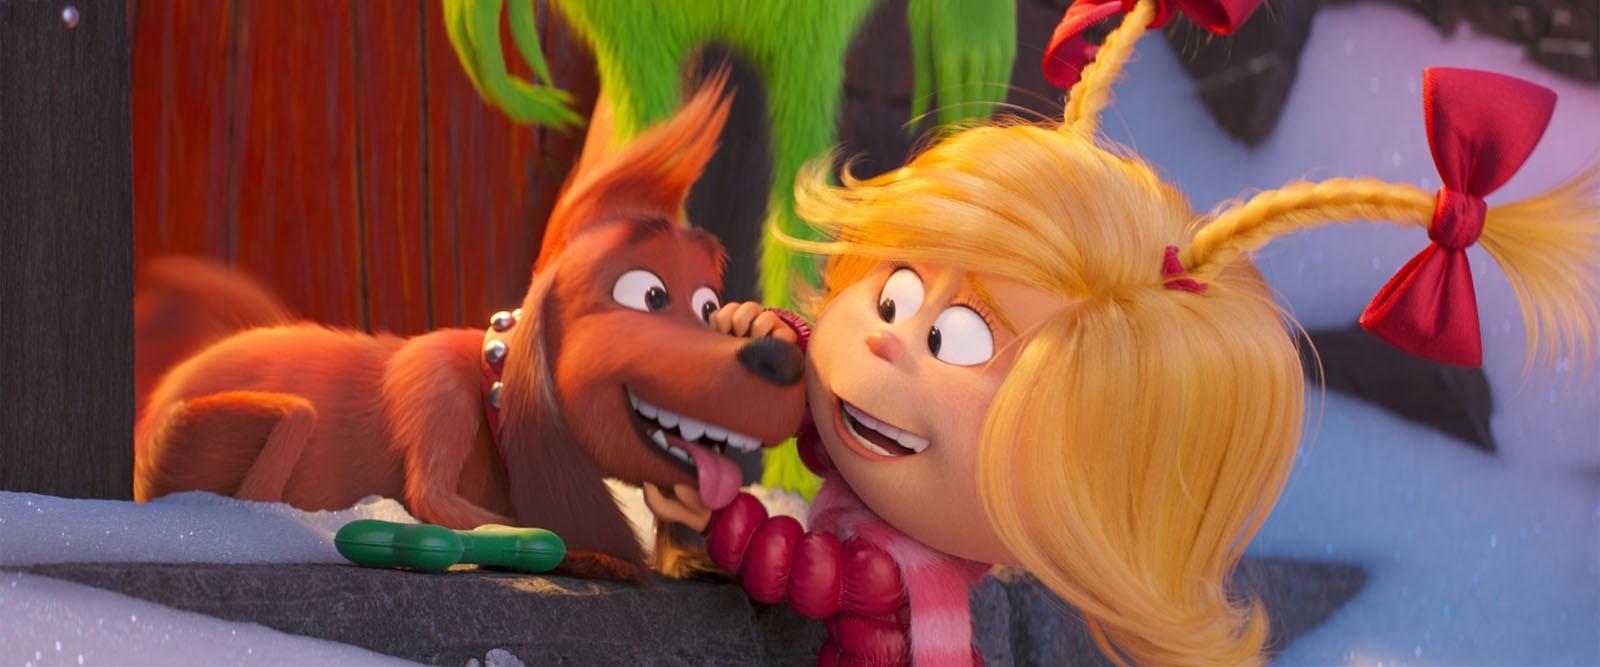 Cindy Lou e Max fazem parte de 'O Grinch' (Foto: Divulgação)